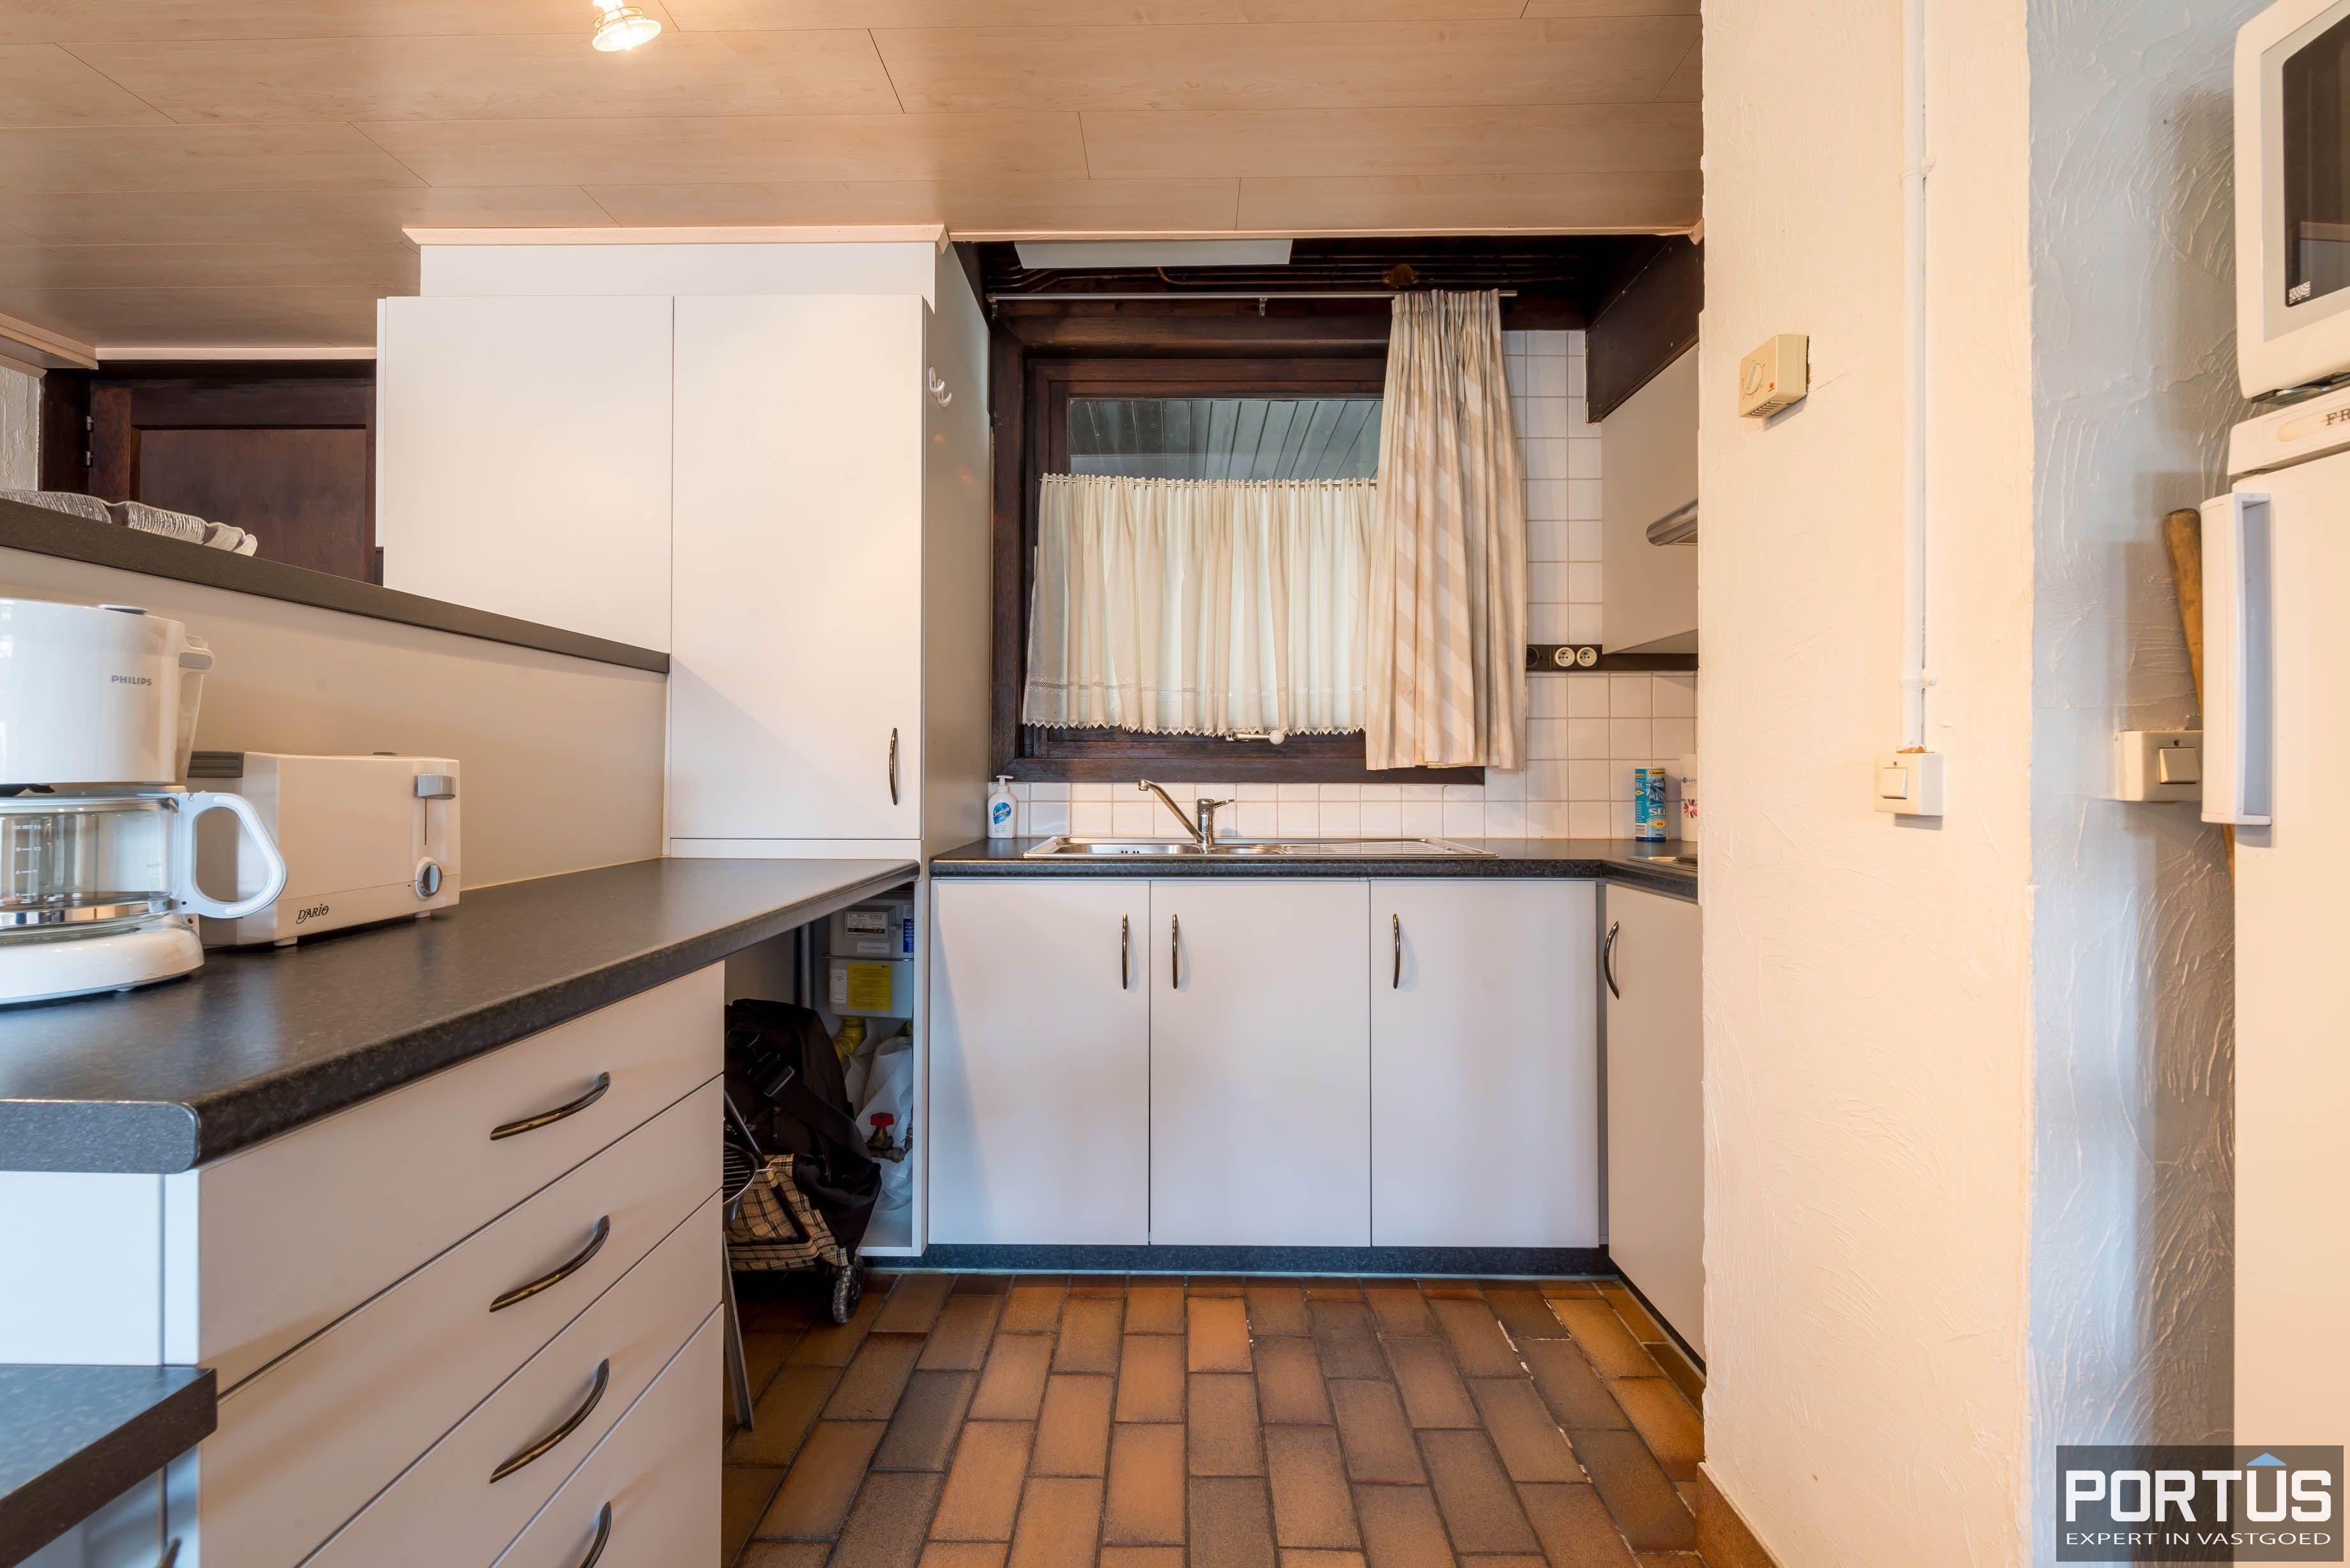 Woning te koop Nieuwpoort 4 slaapkamers en parking - 5581